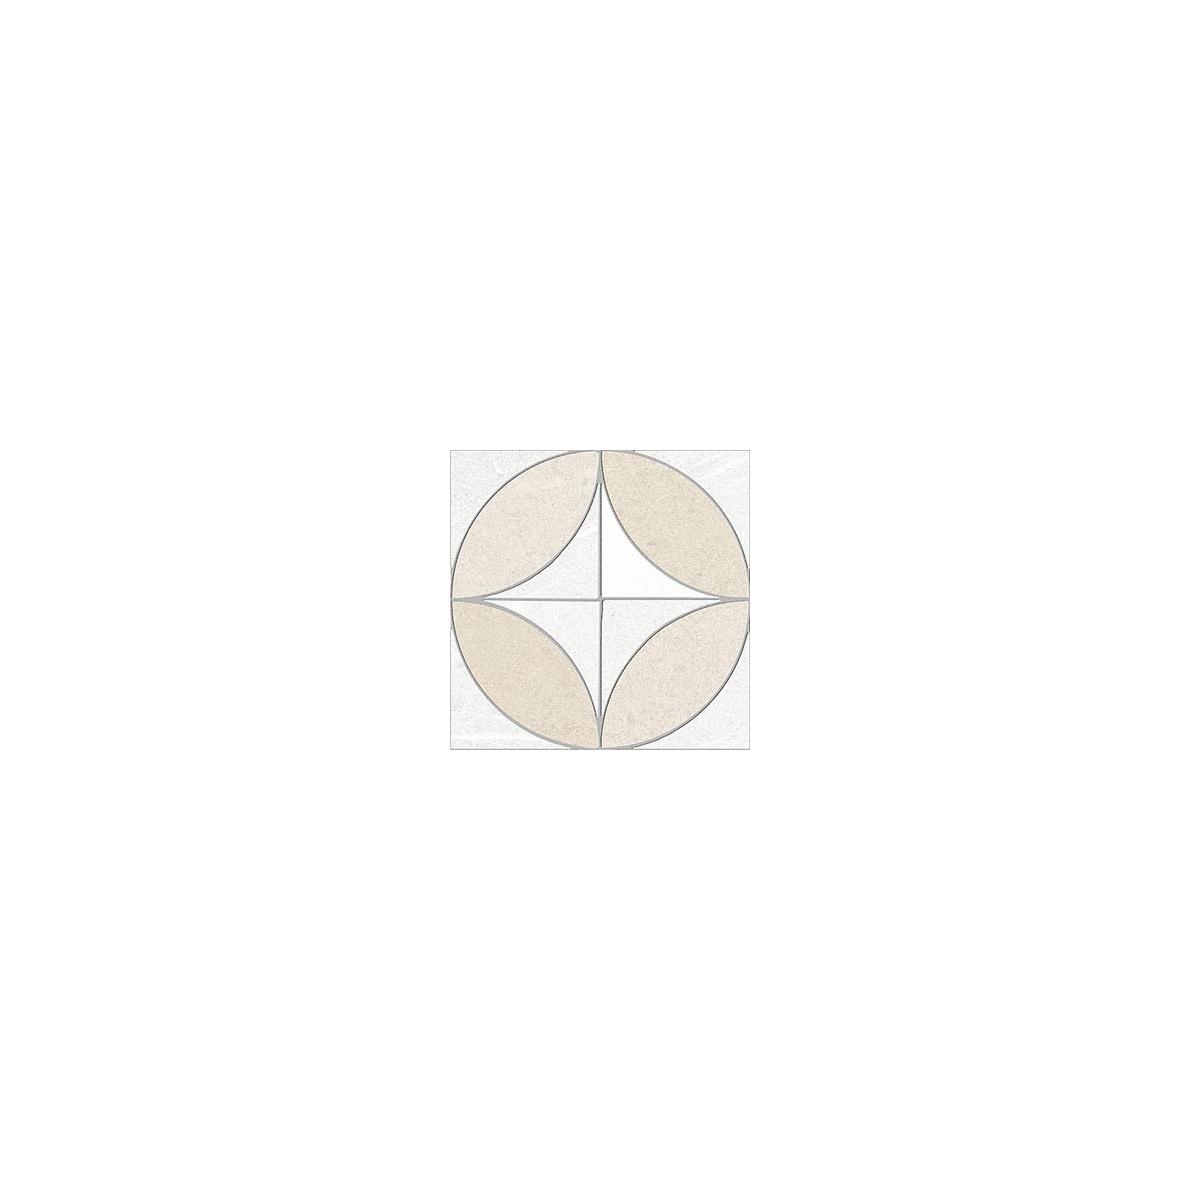 Bezons Crema 15x15 (m2) - Pavimento hidráulico en gres porcelánico